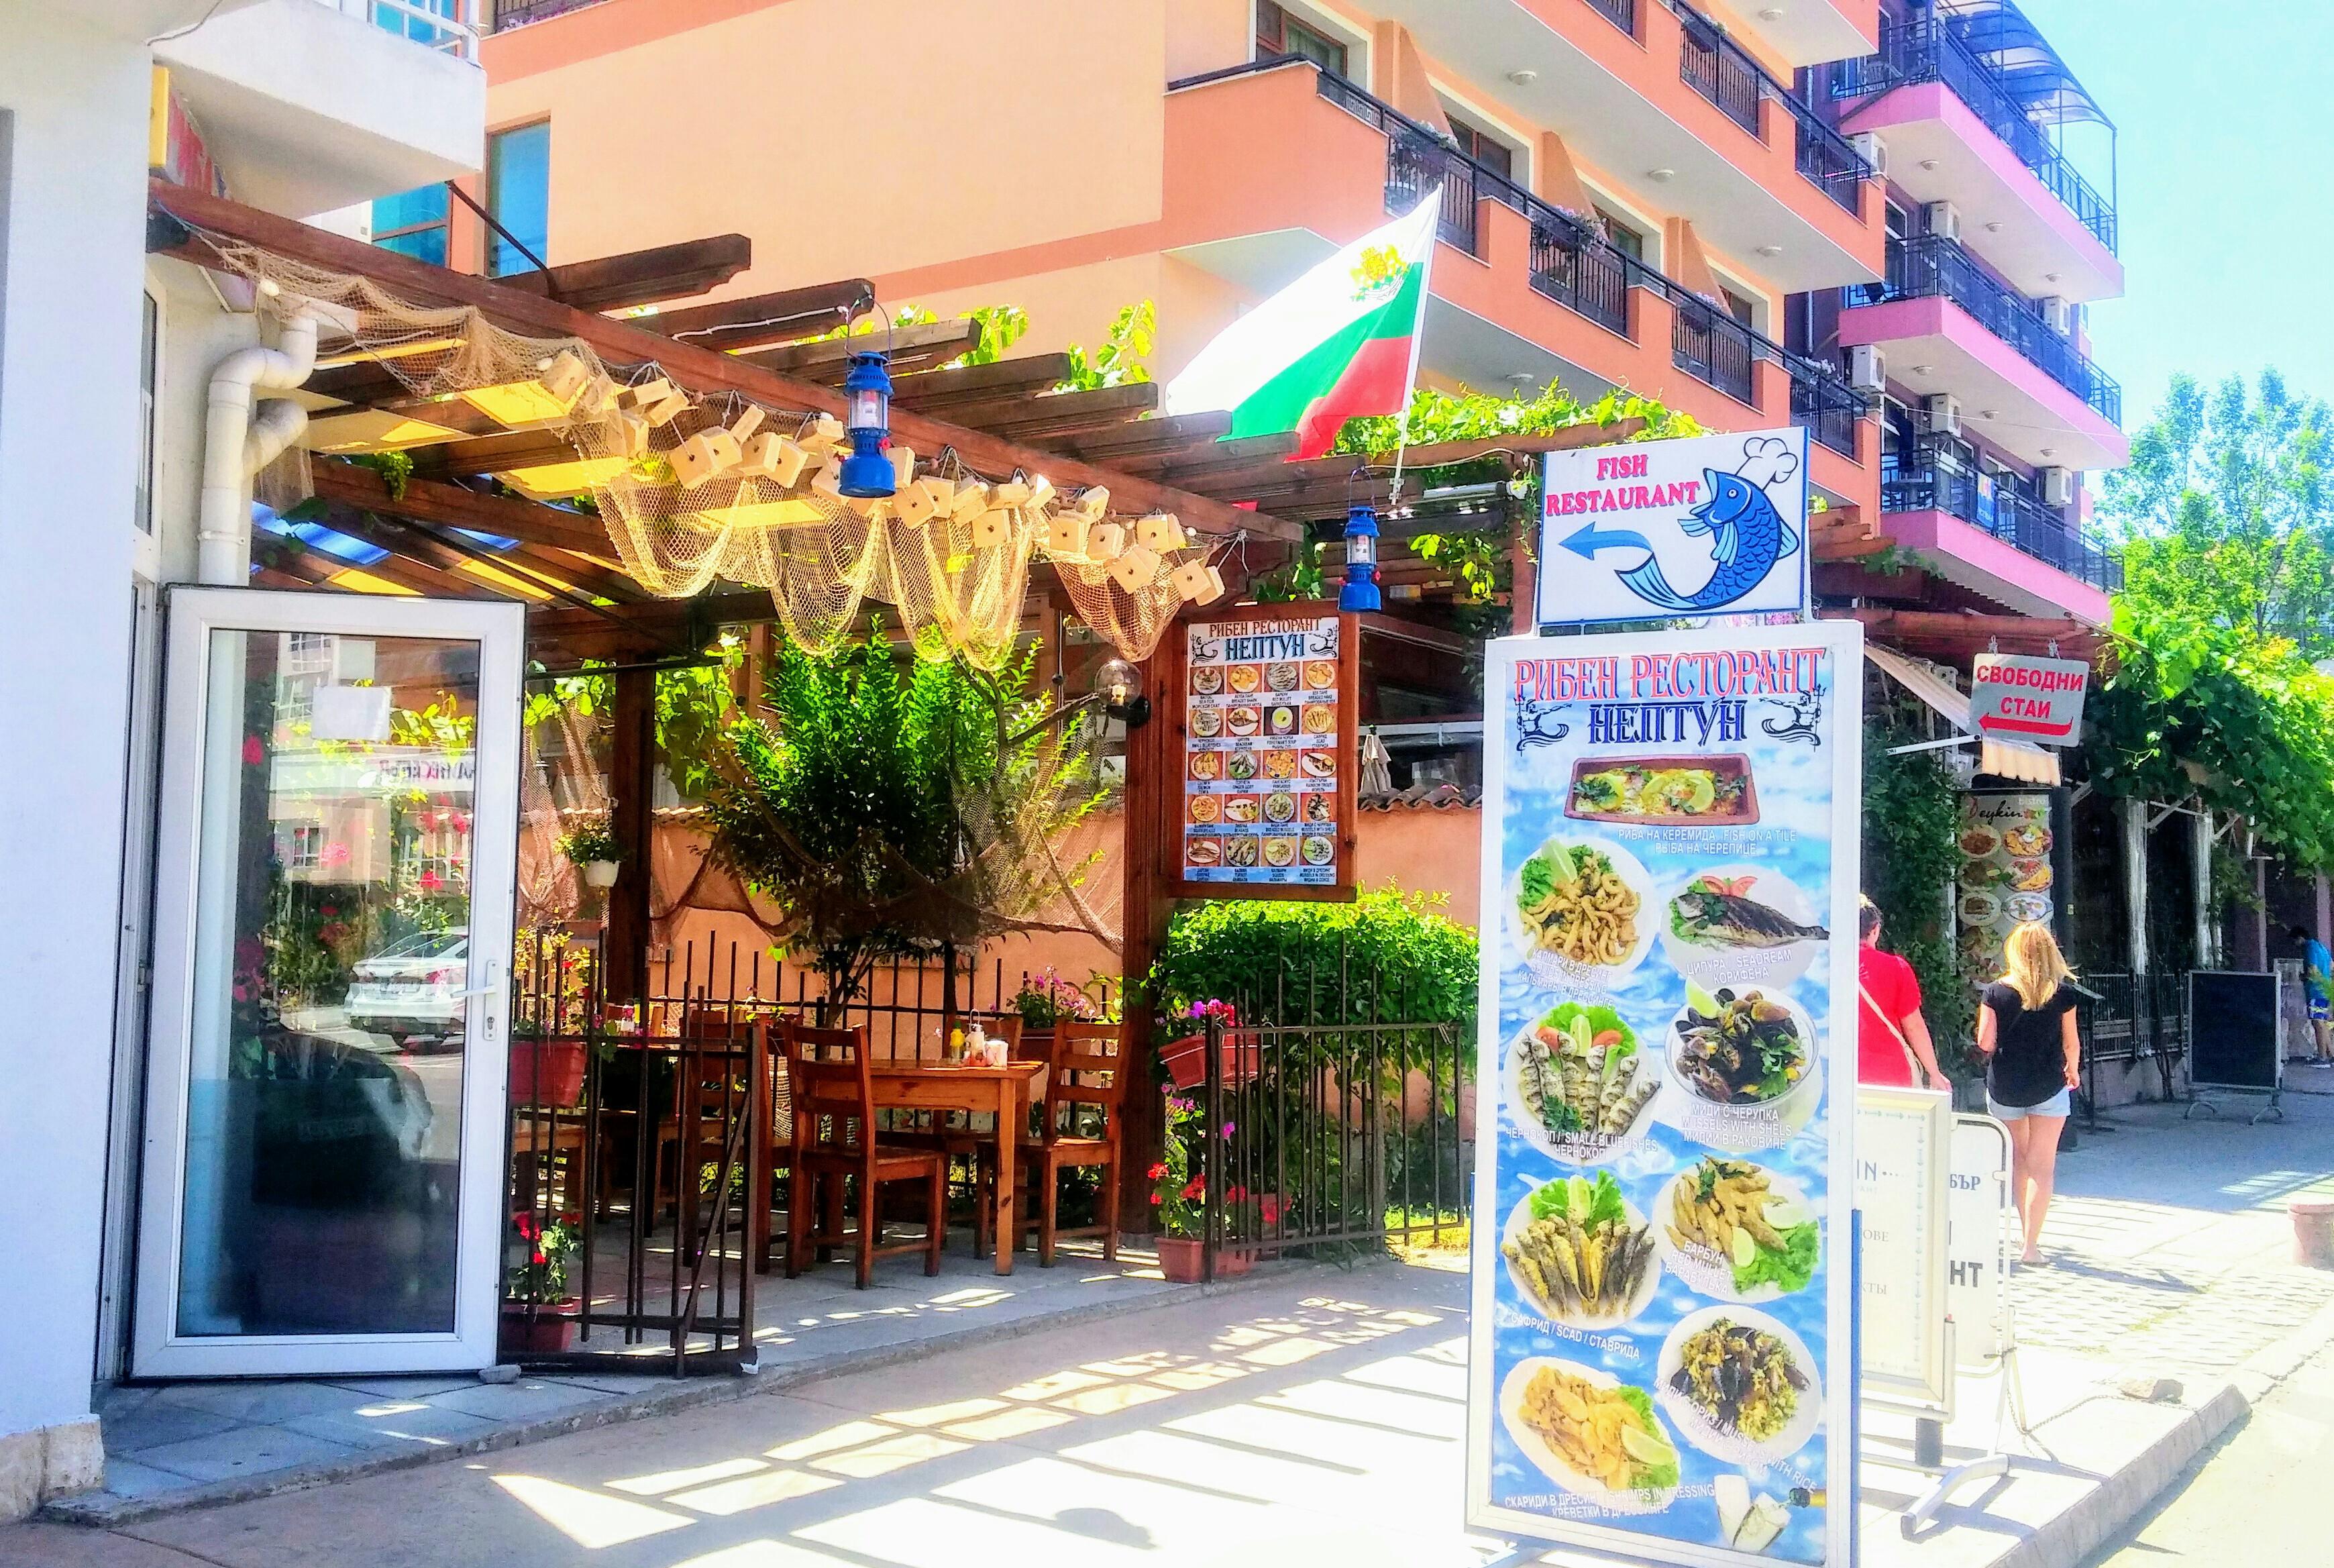 Ресторан Нептун_рыба_вкусно и недорого